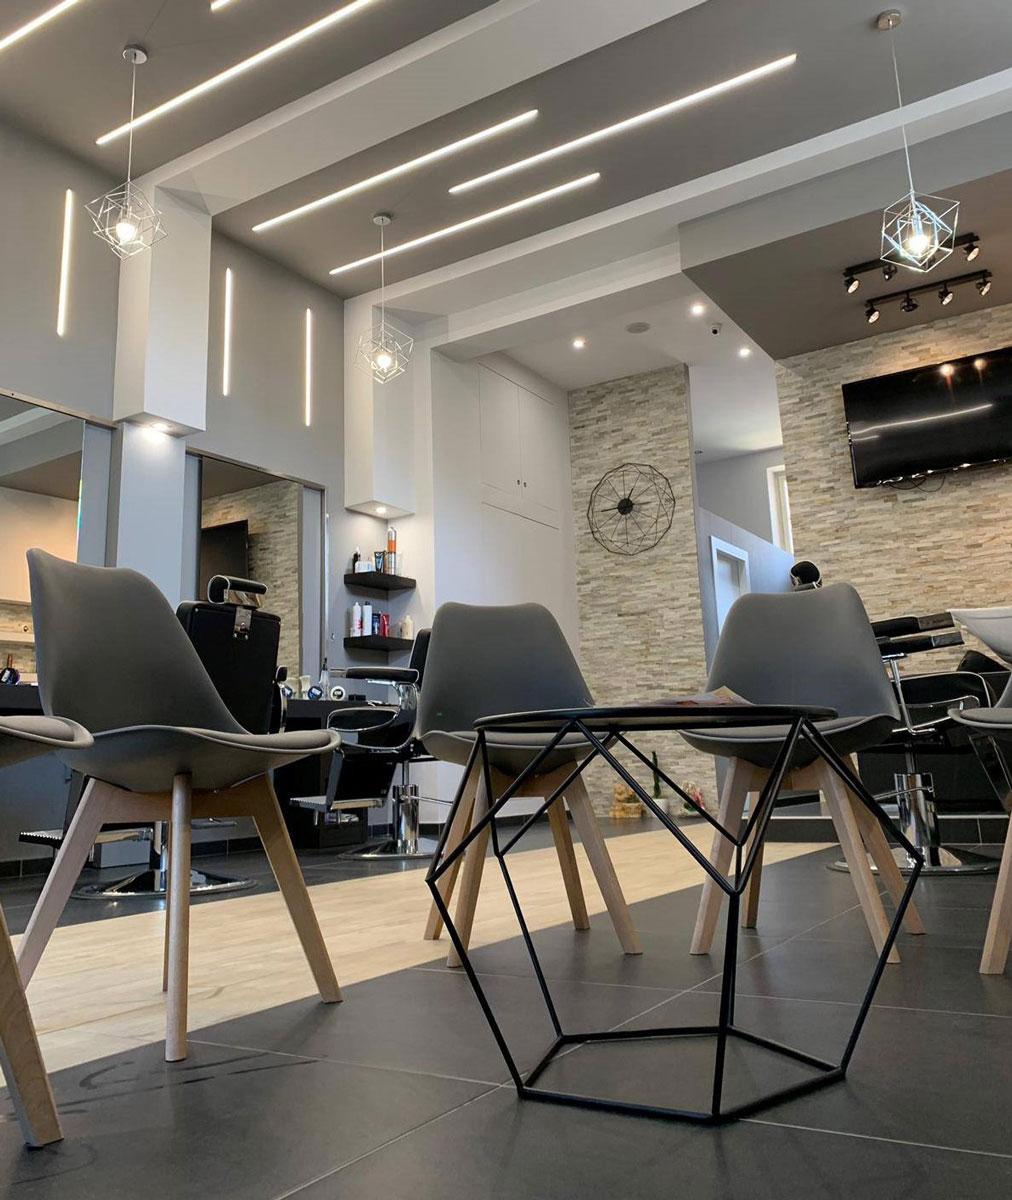 Tavolino in metallo di forma geometrica con attorno delle sedie grigie